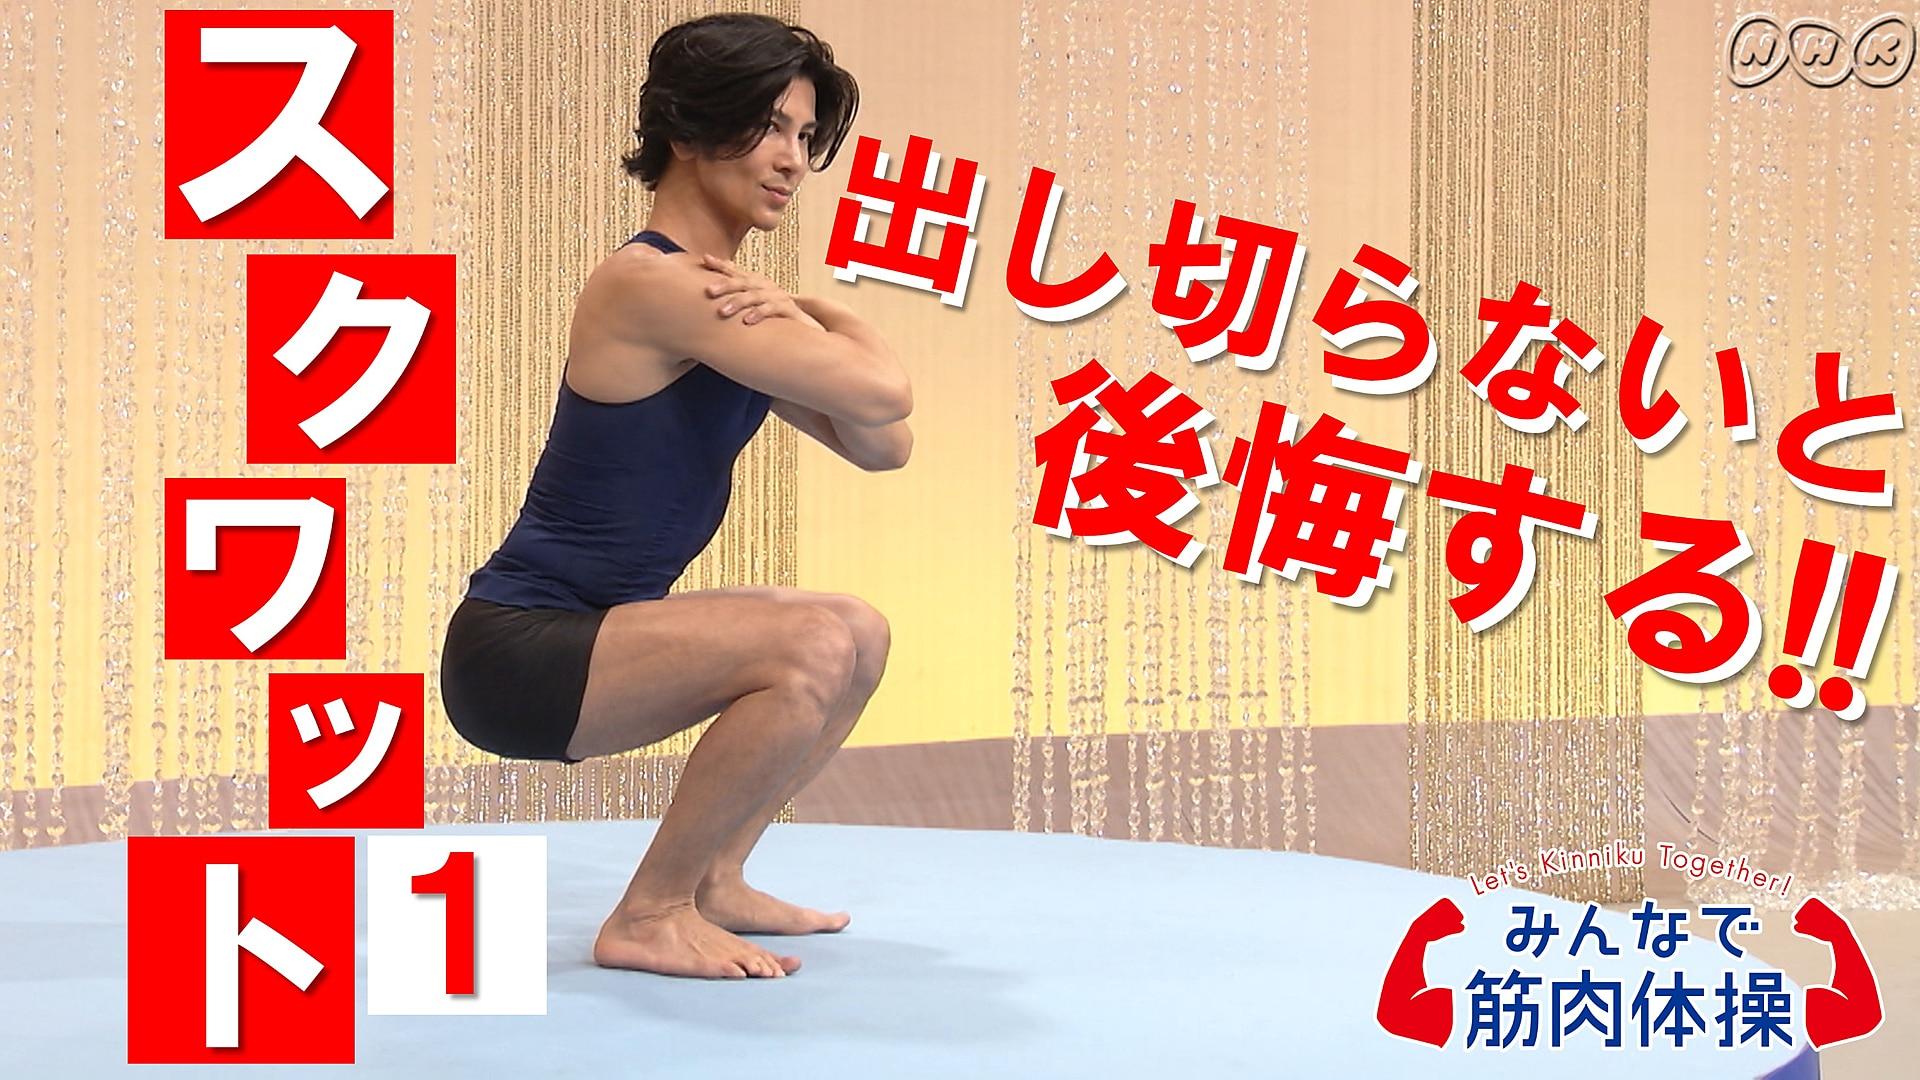 武田 真治 リズム 体操